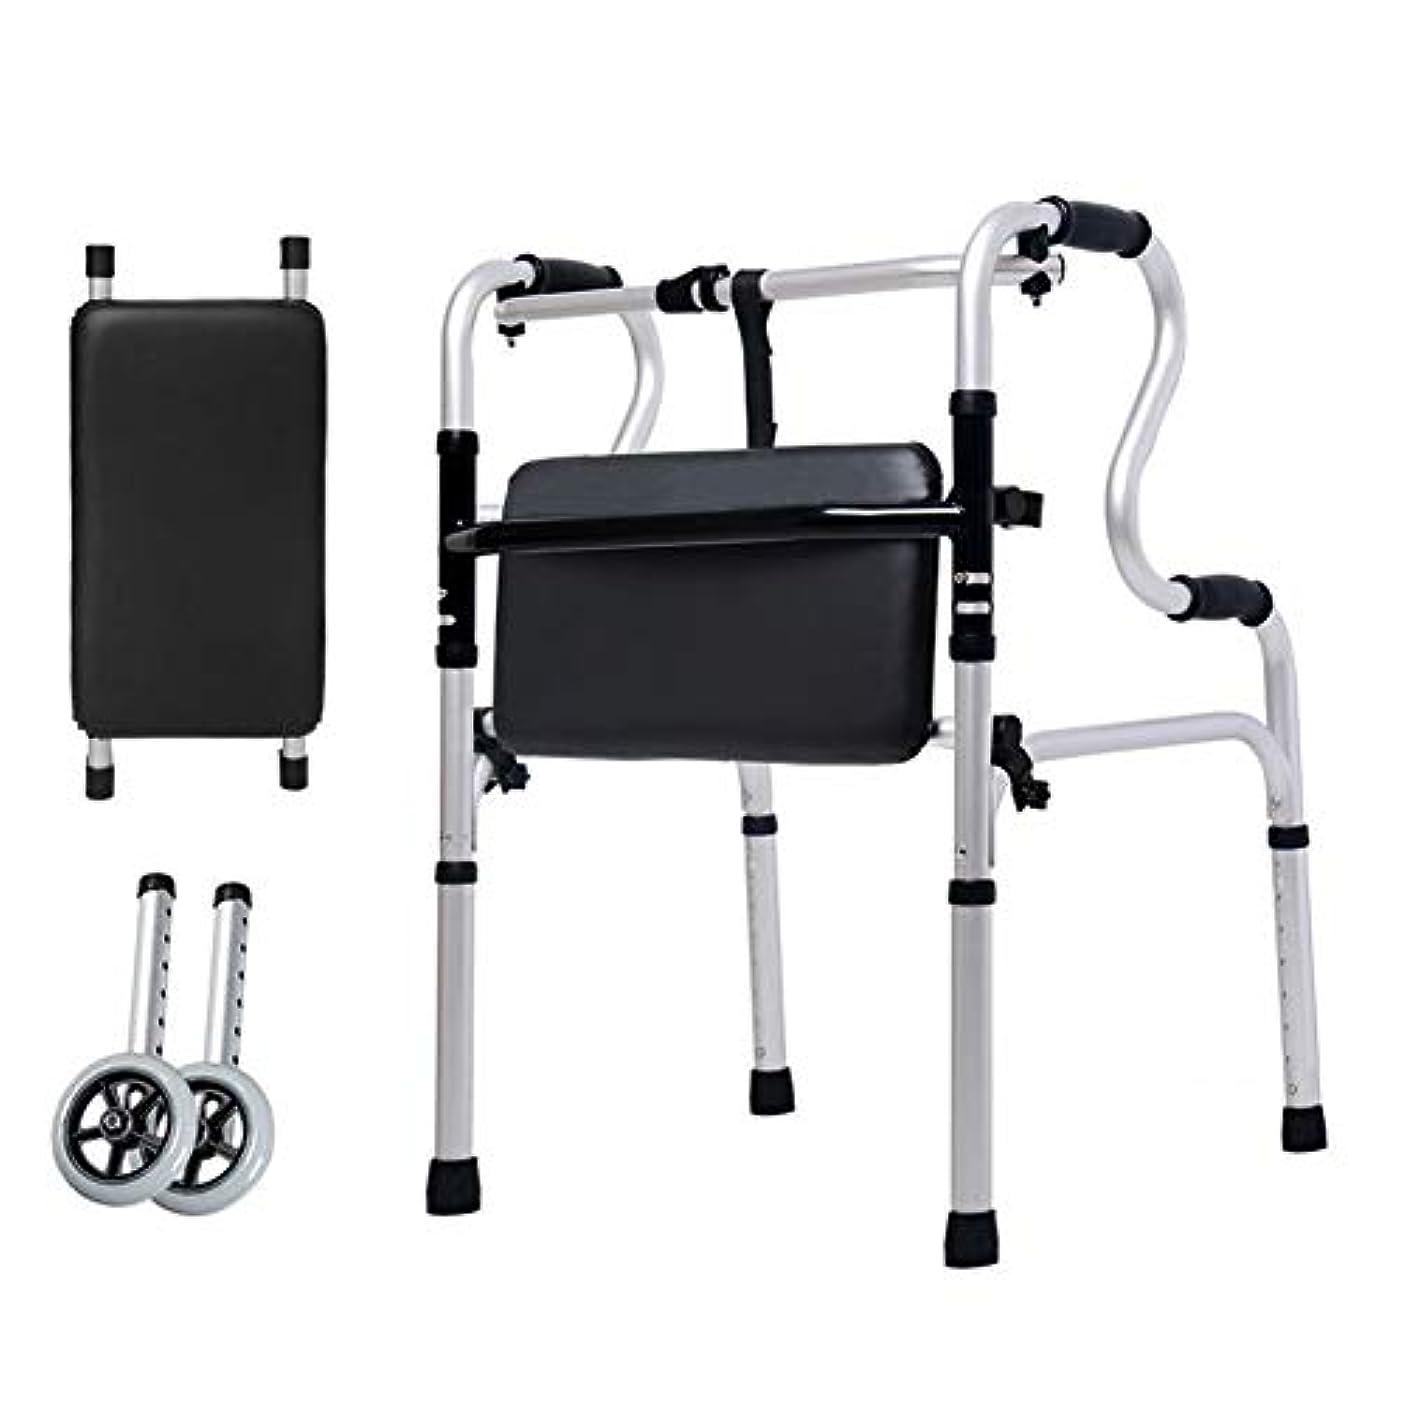 ビジョンなる厚いステッキ 高齢者向けホーム病院用杖歩行器、身体障害者用、折りたたみ式高さ調節可能歩行補助具(ホイール&フリップバスマット付き)、サポート360ポンド